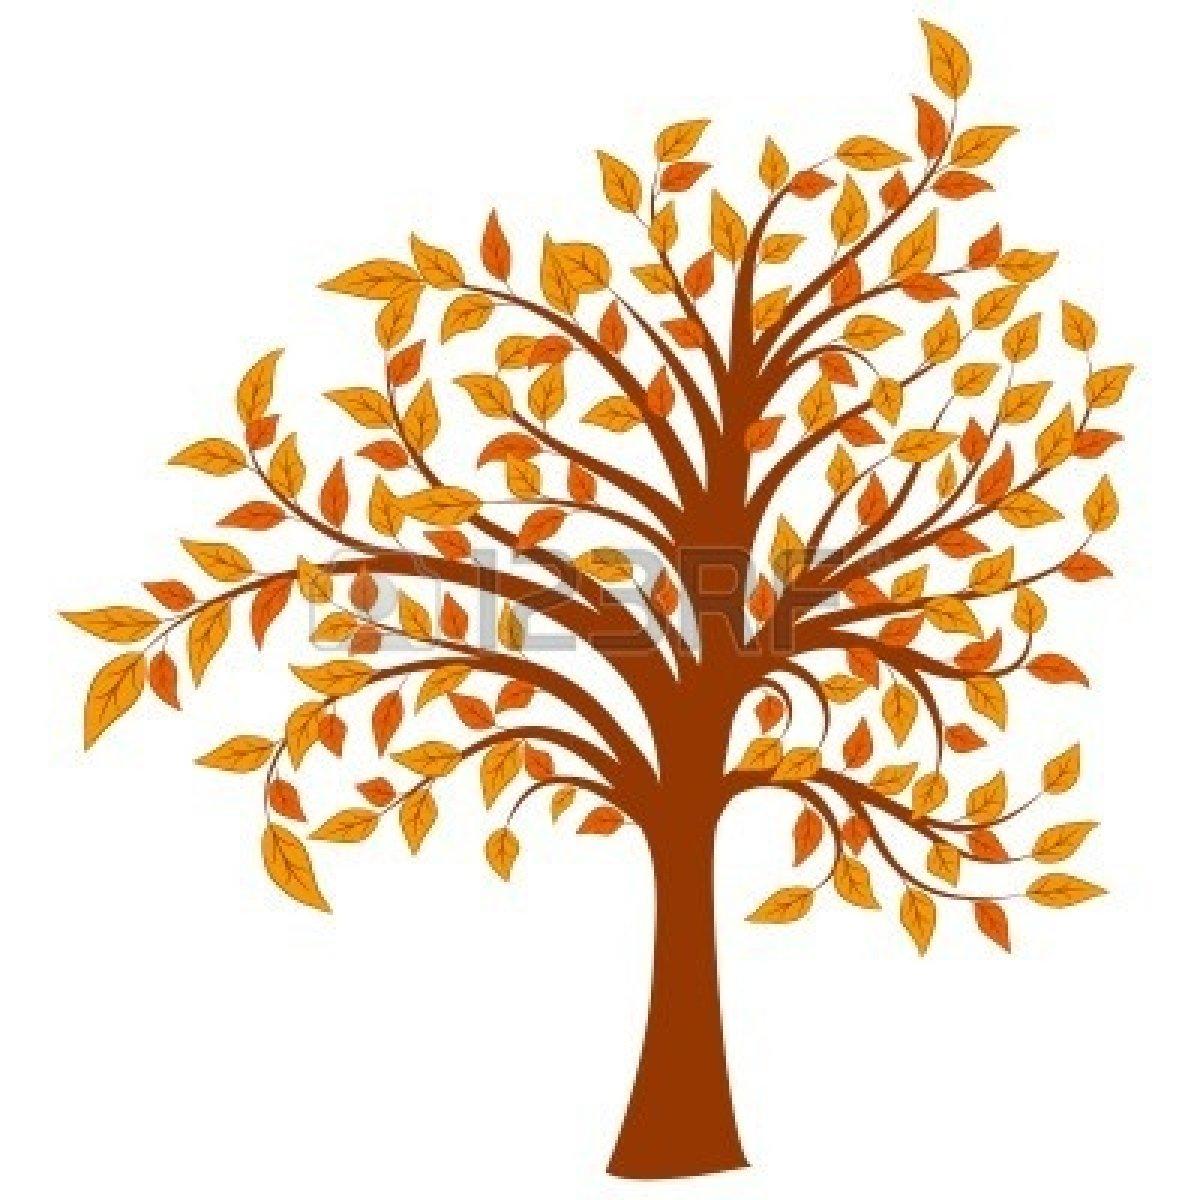 family reunion tree clipart clipart panda free clipart images rh clipartpanda com family reunion tree clip art